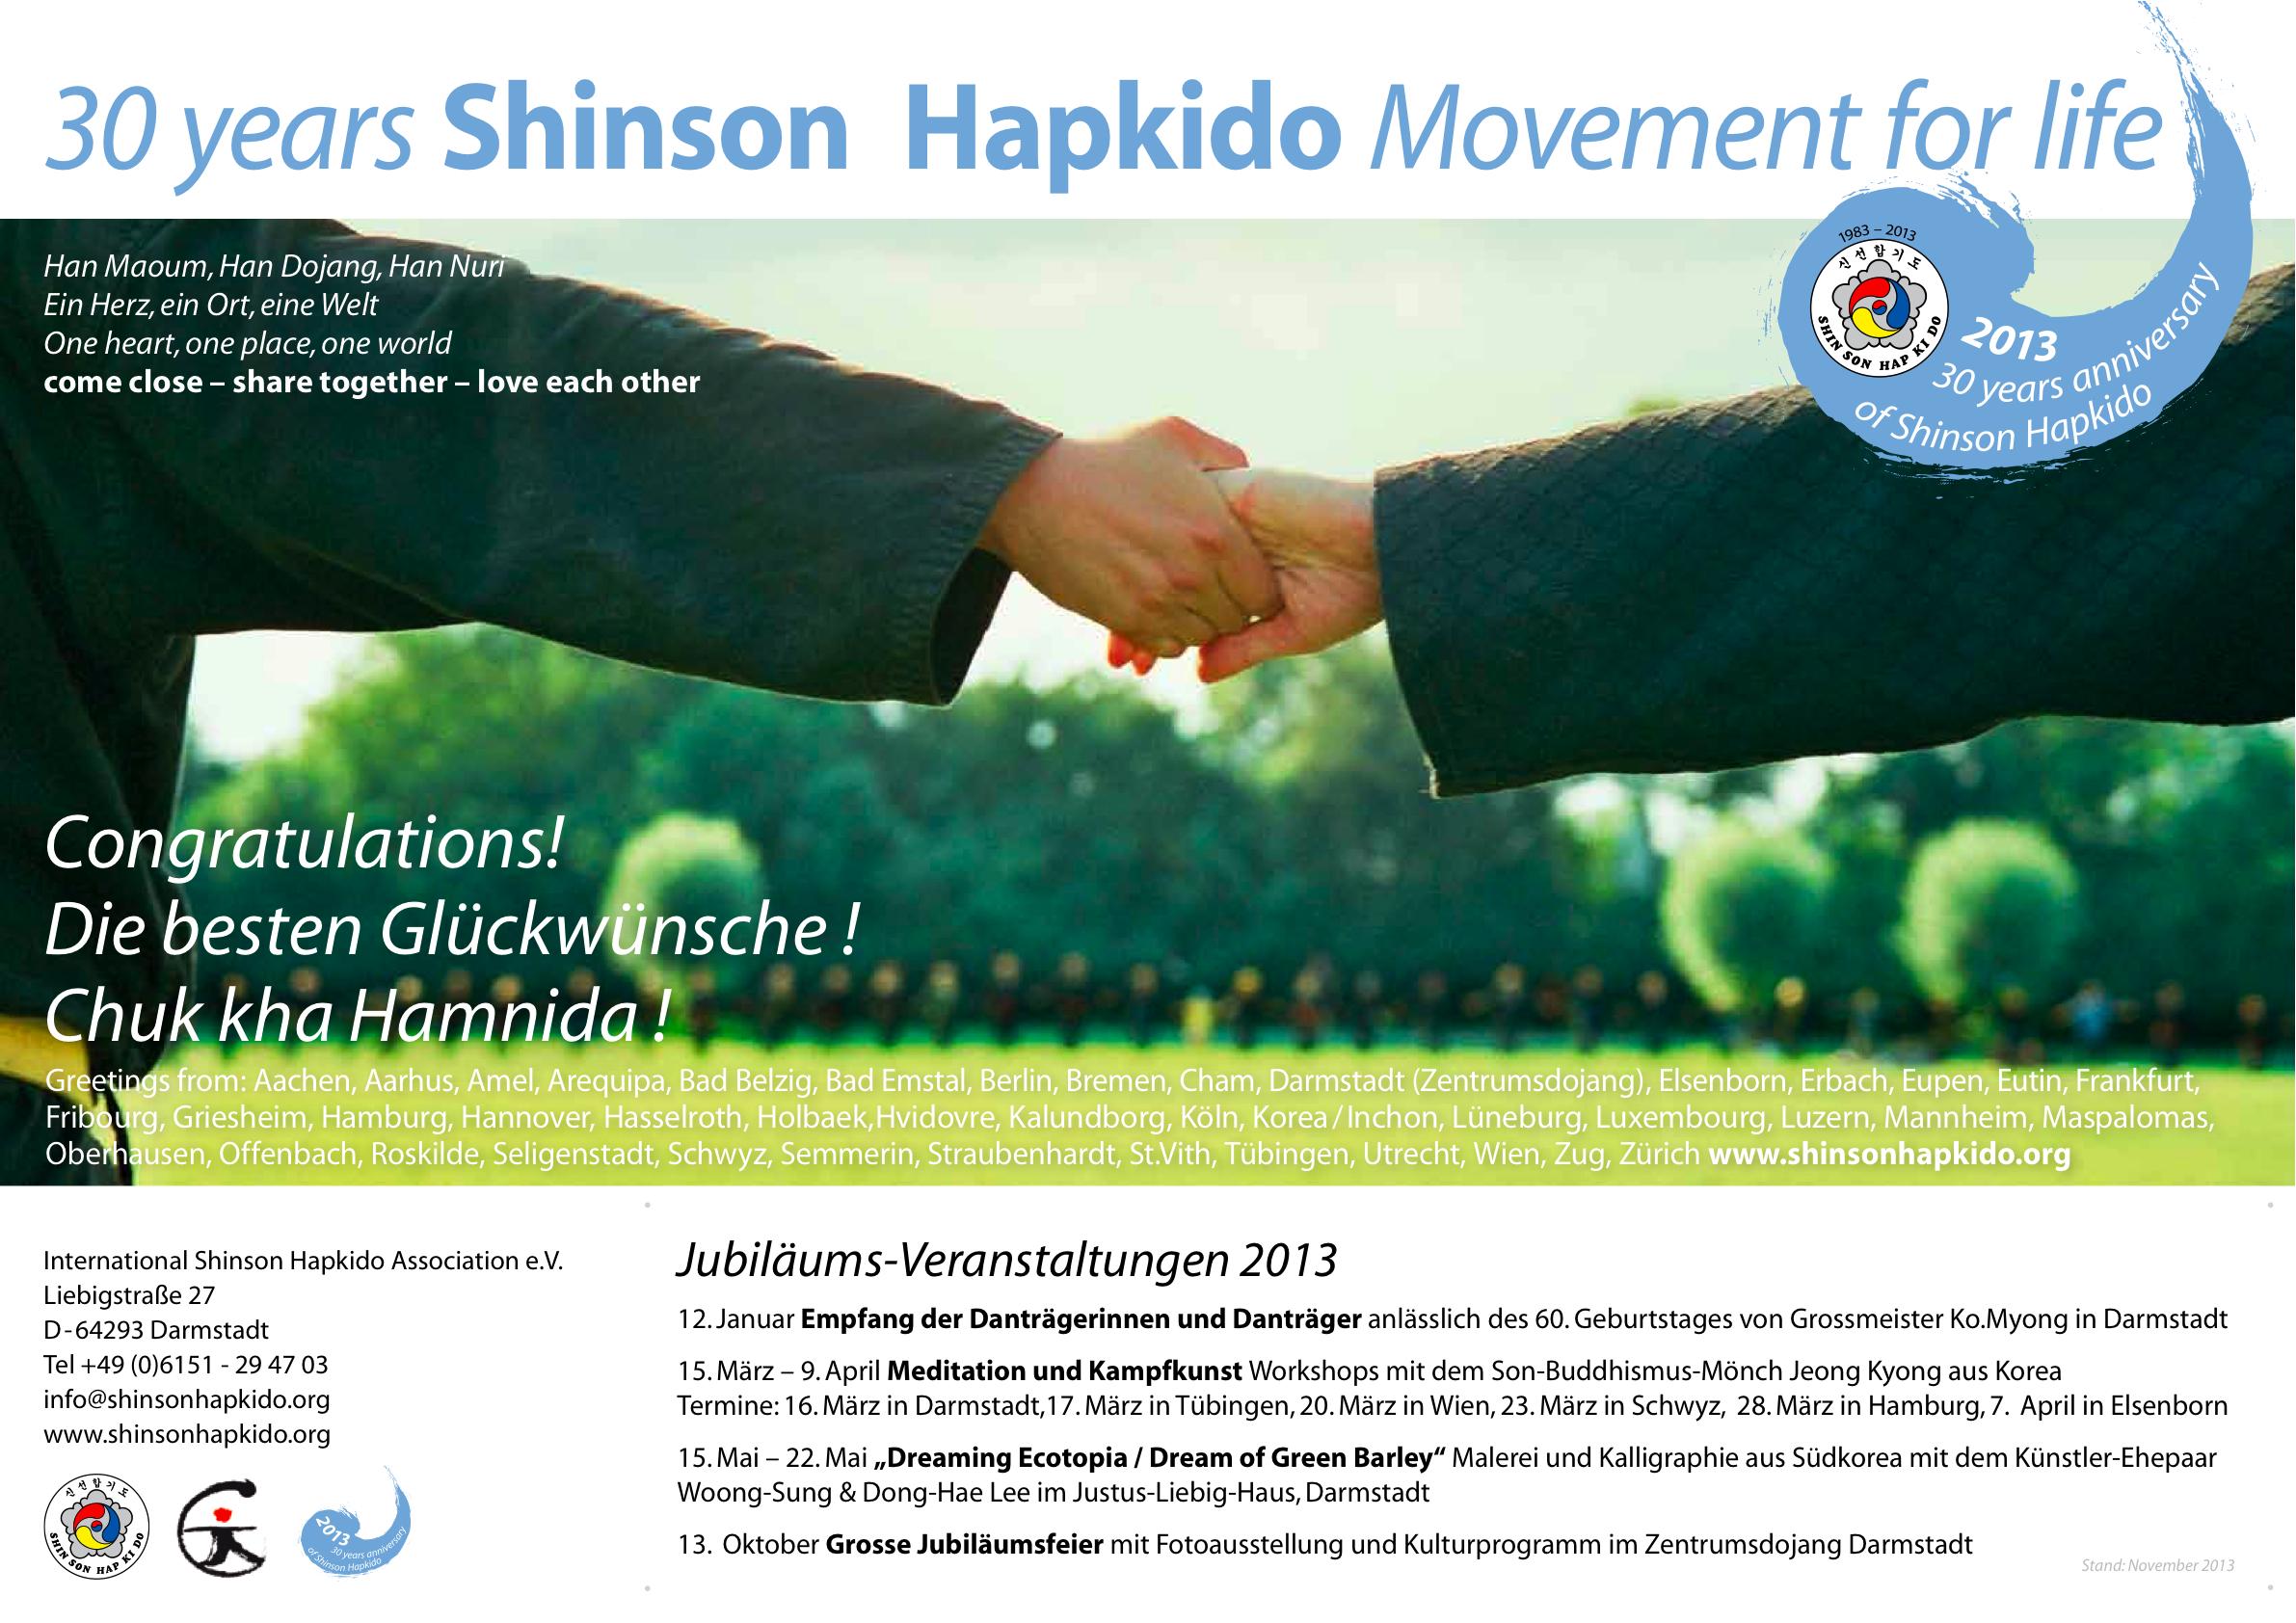 download shinson hapkido folder.